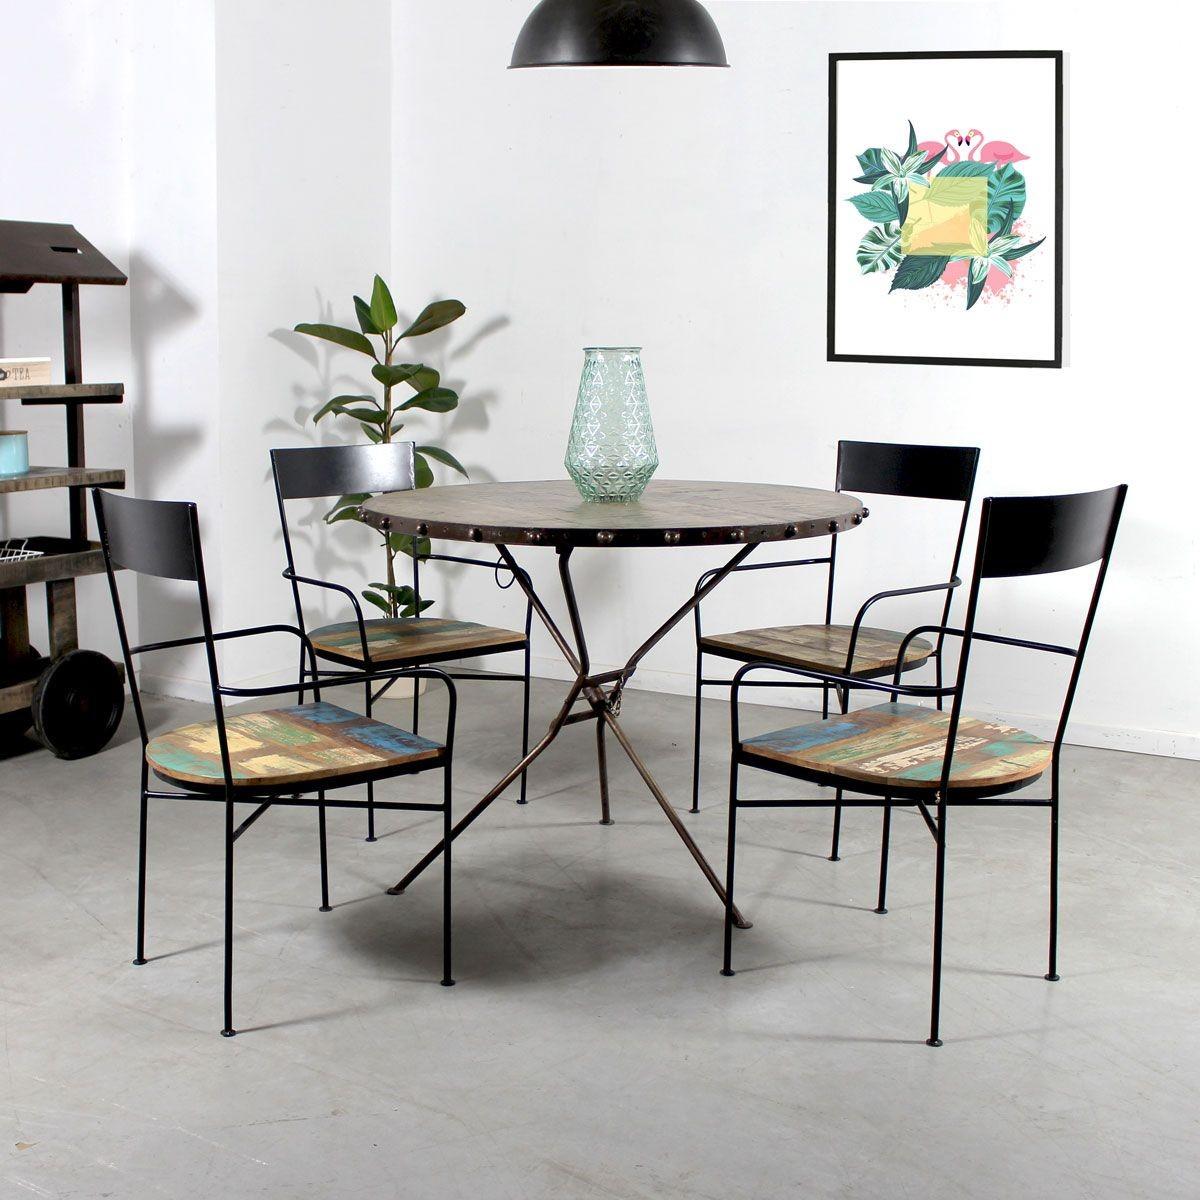 Chaise Industrielle Avec Accoudoirs Metal Et Bois Mk124 Taille Mobilier De Salon Chaise Industrielle Table Basse